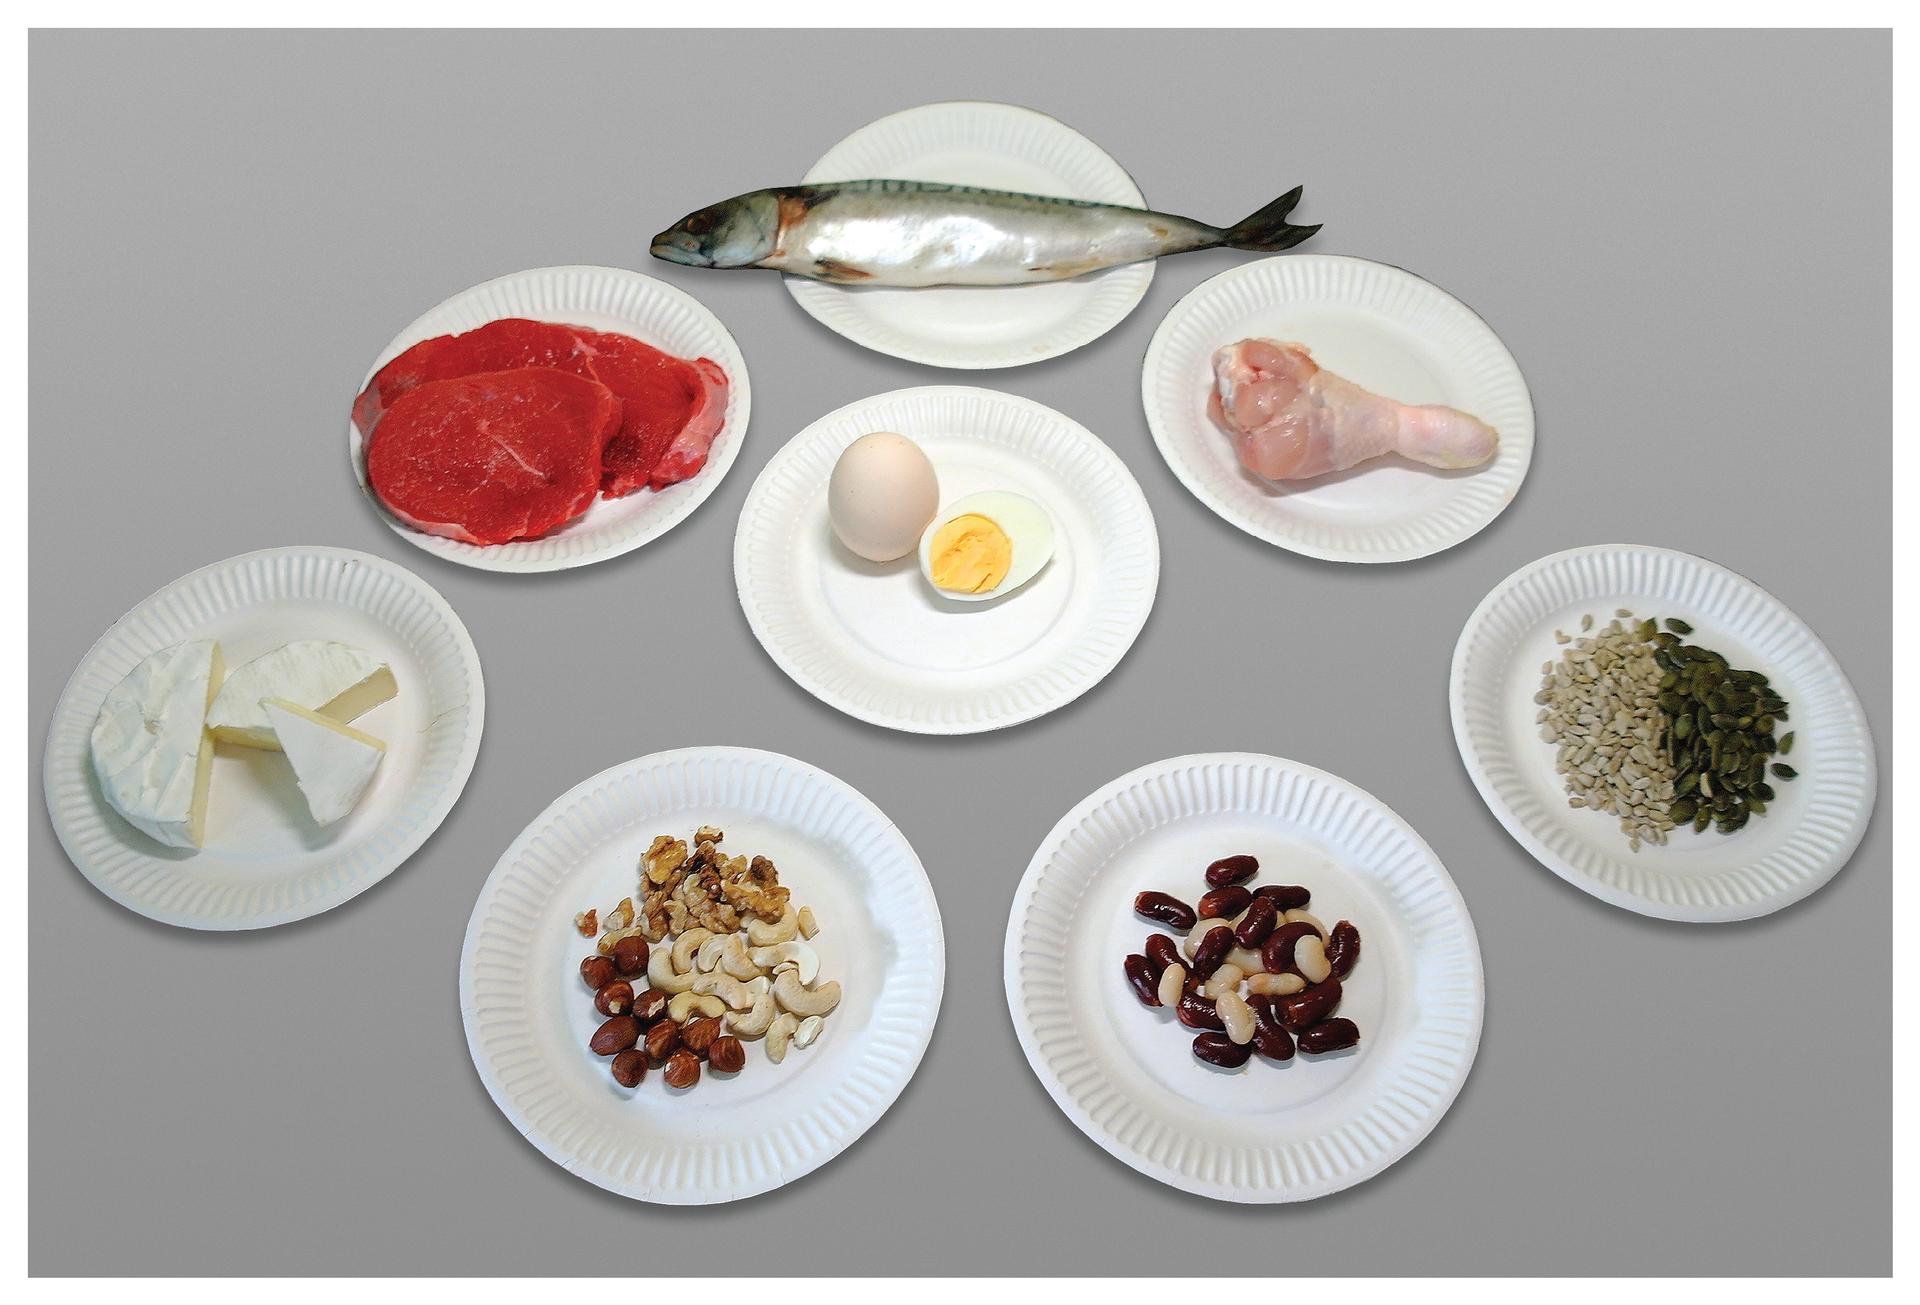 Fotografia przedstawia osiem białych talerzyków zproduktami, bogatymi wbiałko. Od góry: srebrzysta ryba. Niżej czerwone płaty surowego mięsa. Wśrodku dwa jajka, jedno ugotowane przekrojone dla ukazania żółtka. Zprawej różowe surowe udko drobiowe. Wdolnym rzędzie od lewej: kawałki biało – kremowego sera pleśniowego, różne brązowe ijasne orzechy. Biała iczerwona fasola, na końcu ziarna słonecznika izielone dyni.